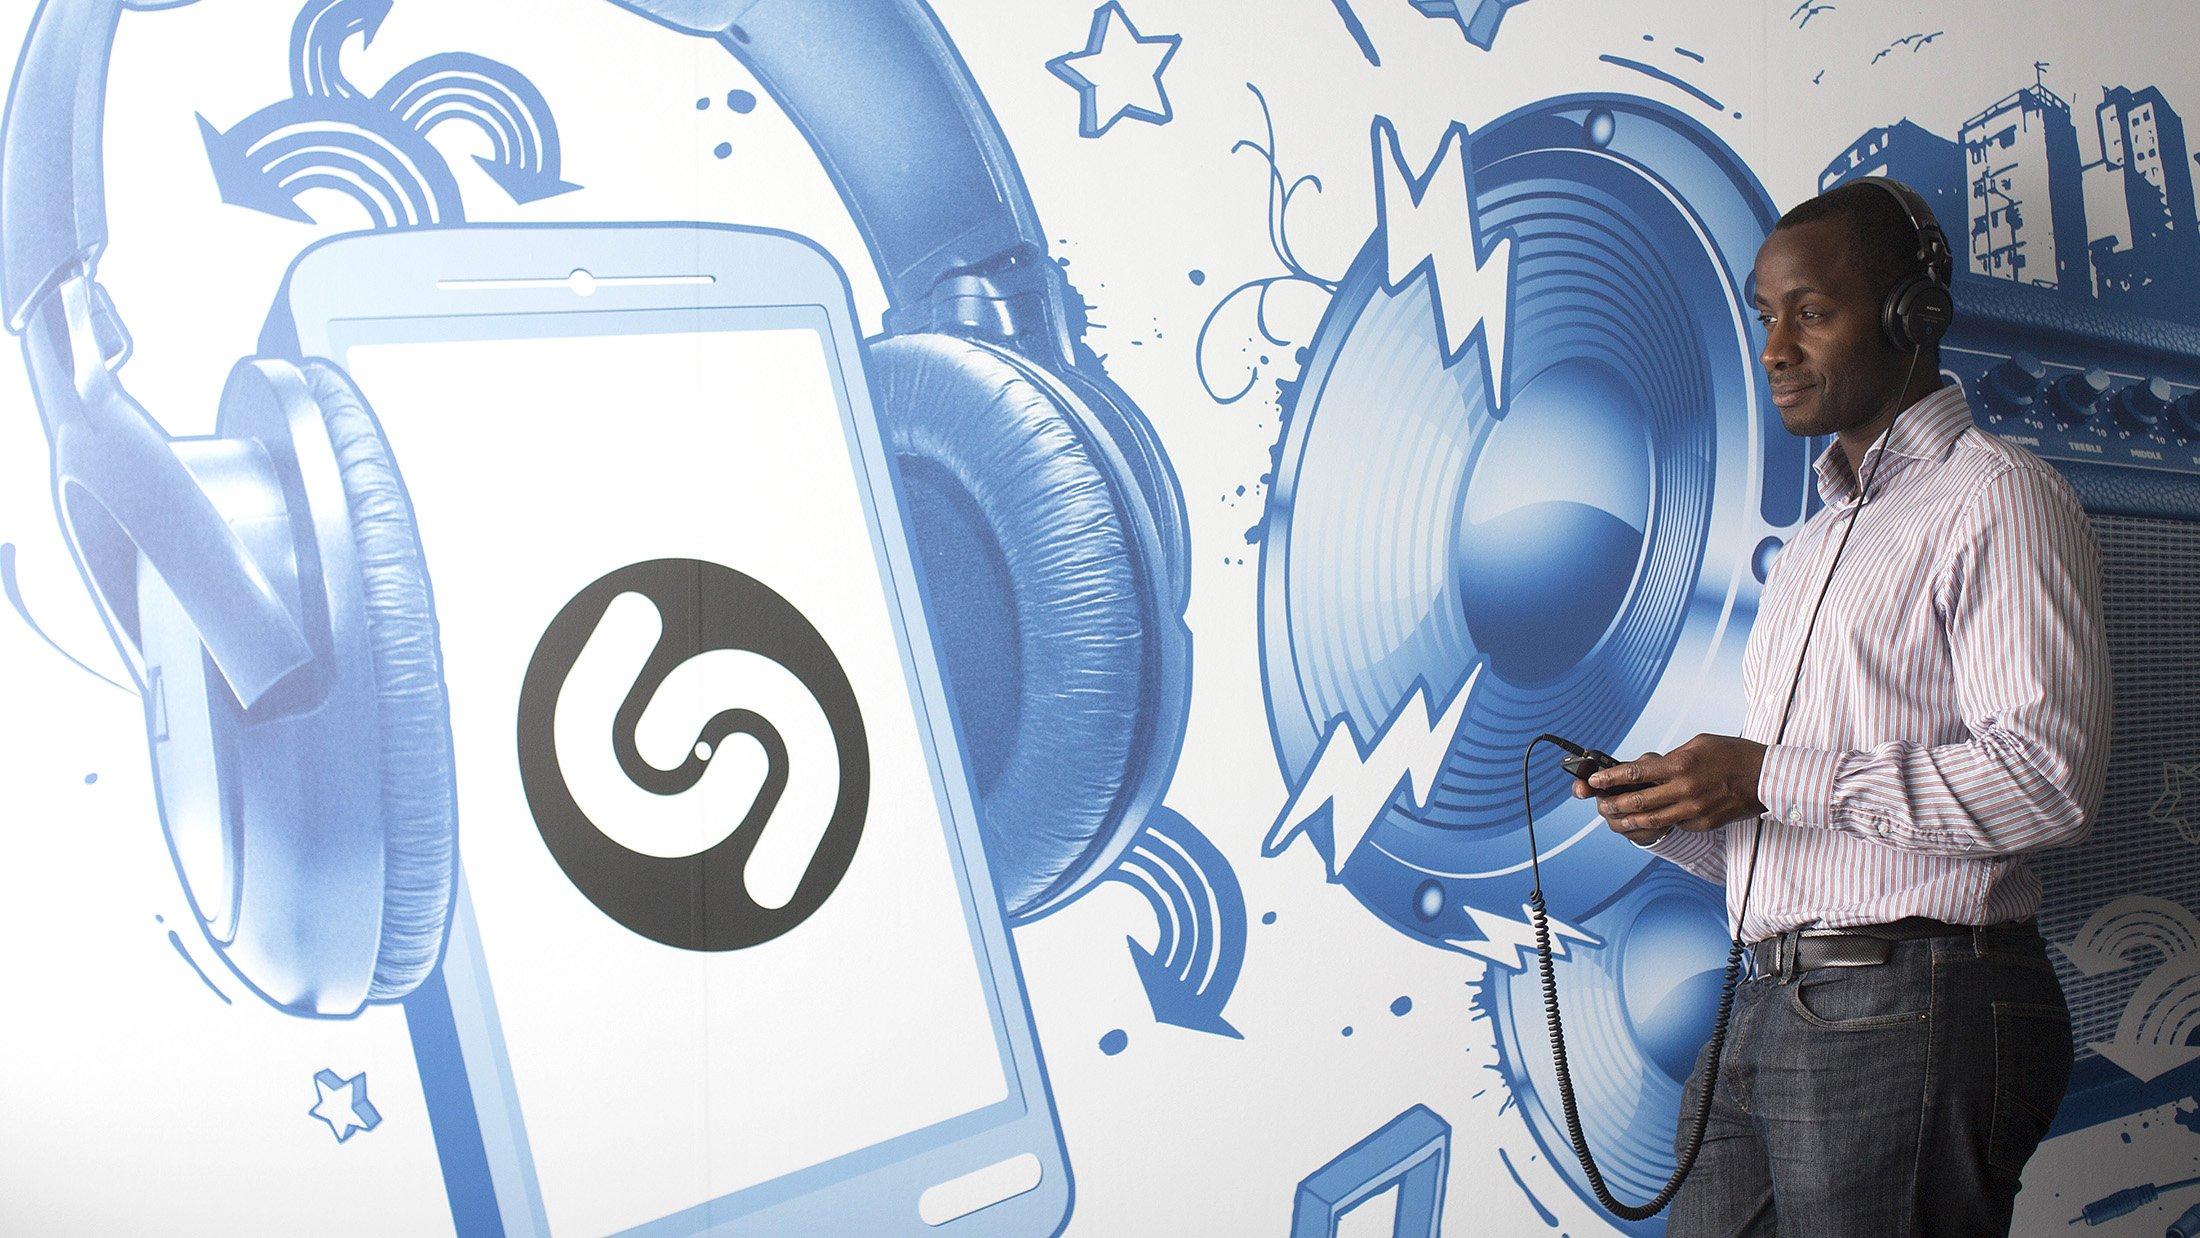 Shazam сейчас сумеет распознать трек без подключения кинтернету